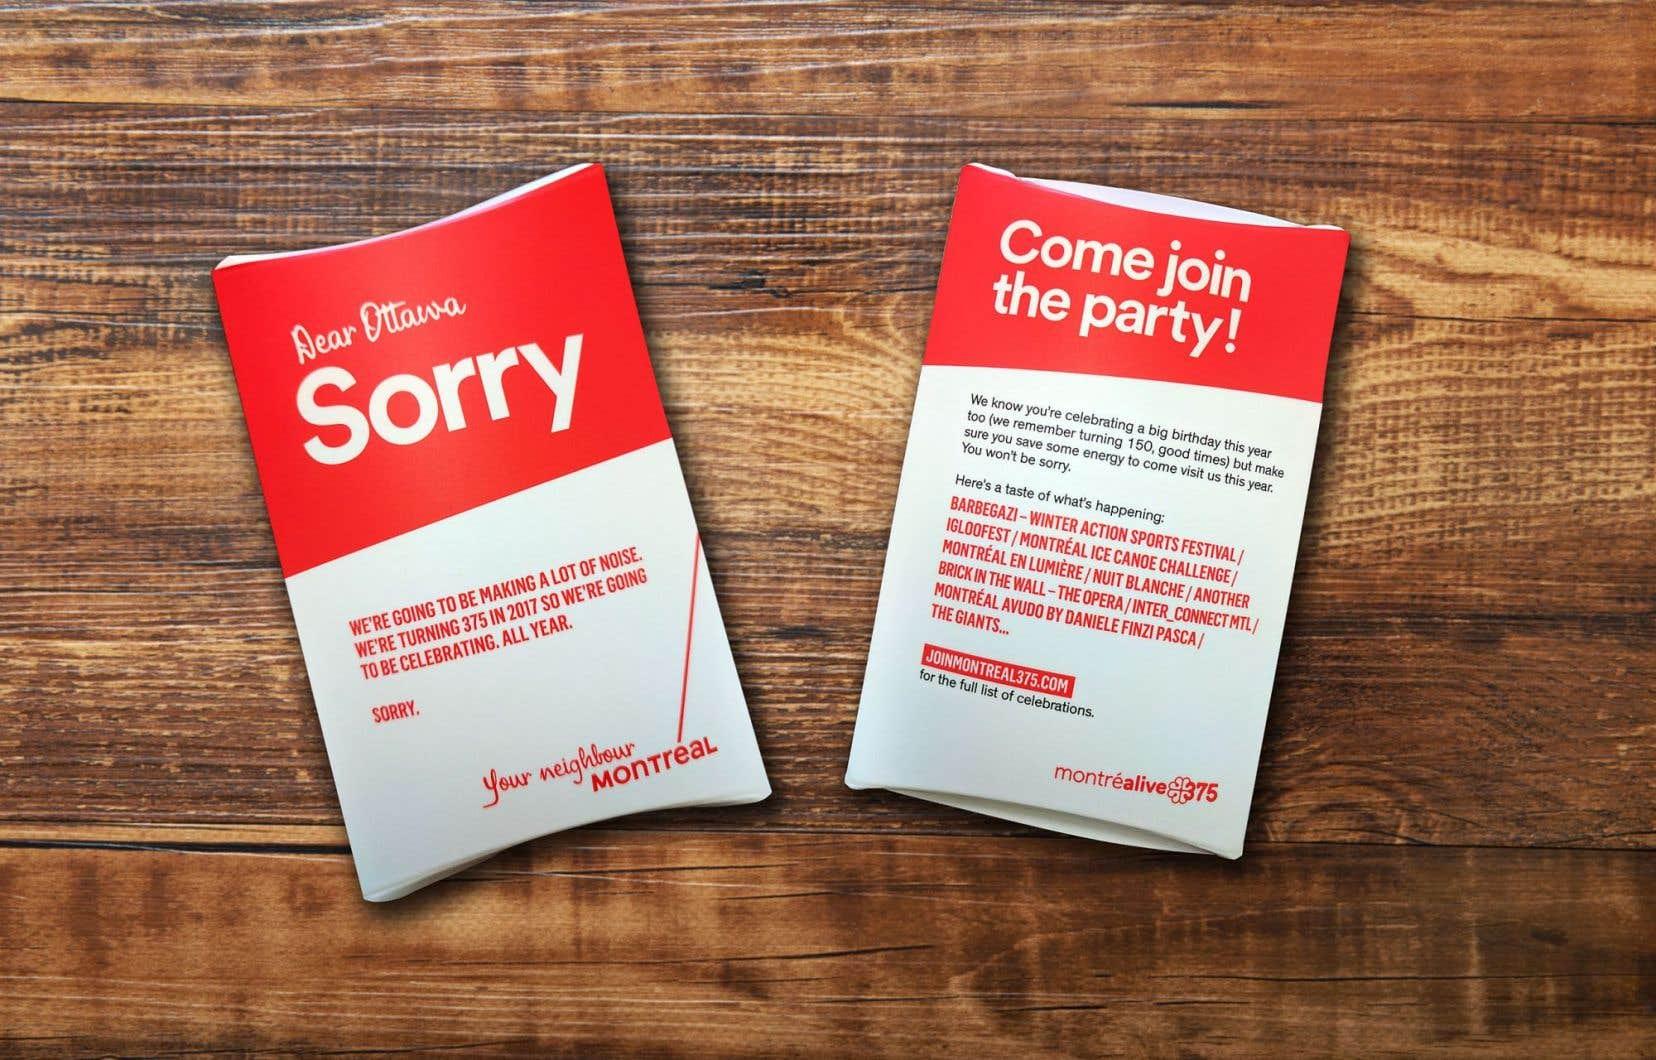 Les enveloppes portant un message unilingue anglophone contiennent des bouchons pour les oreilles.